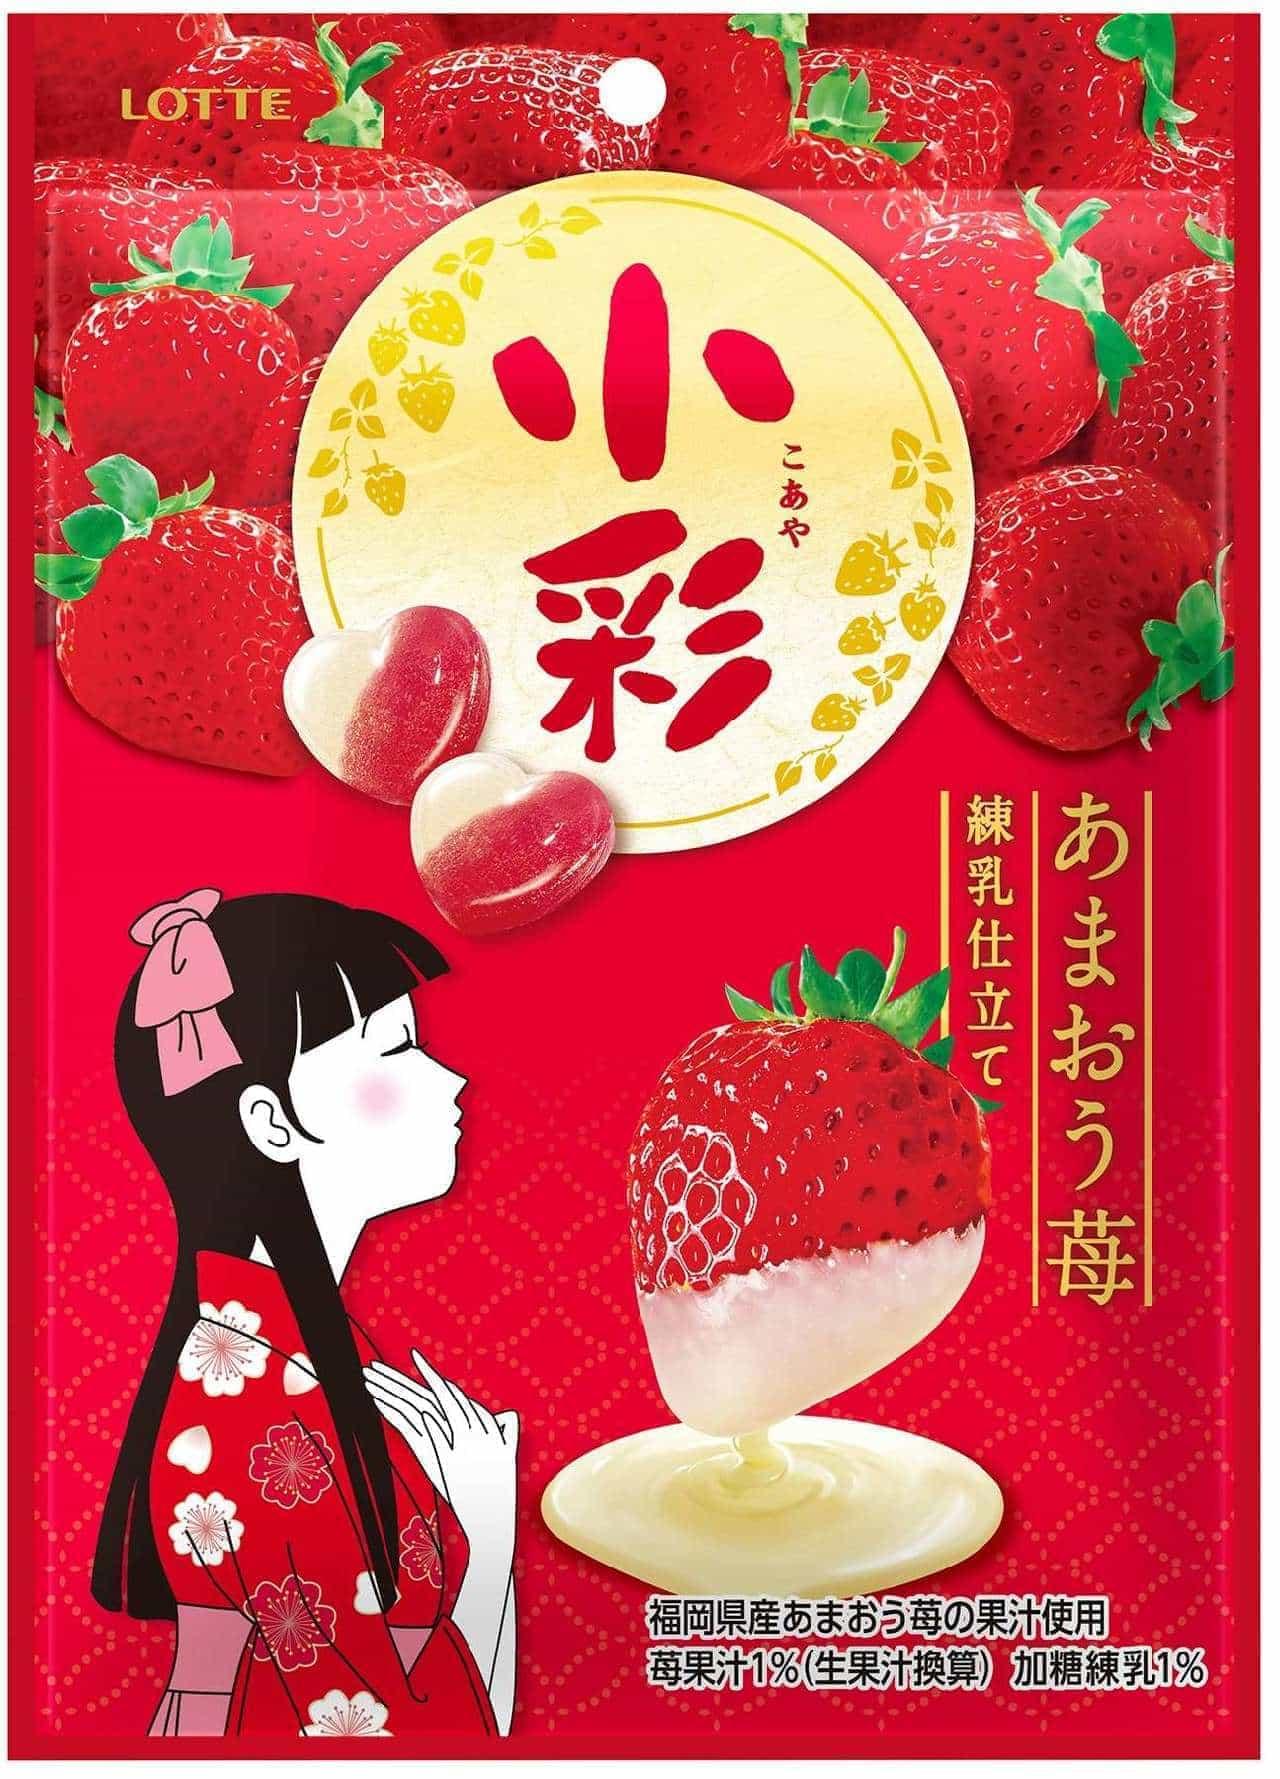 ロッテ「紗々<紅赤いちご>」「小彩(袋)あまおう苺<練乳仕立て>」「カスタードケーキ<あまおう苺>」